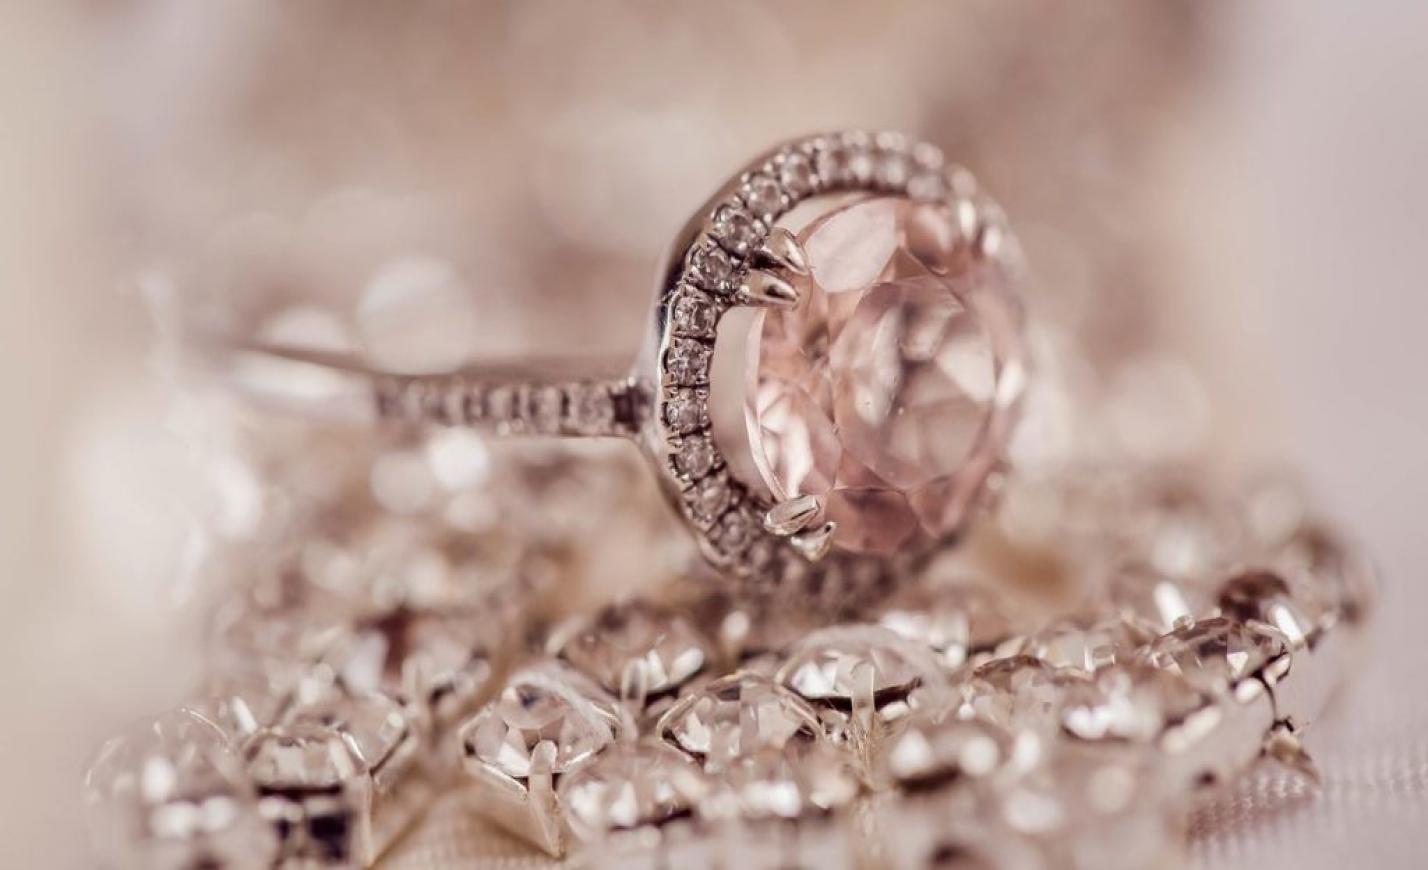 8 millió forintért kínálnak egy brillgyűrűt a karácsonyi árverésen